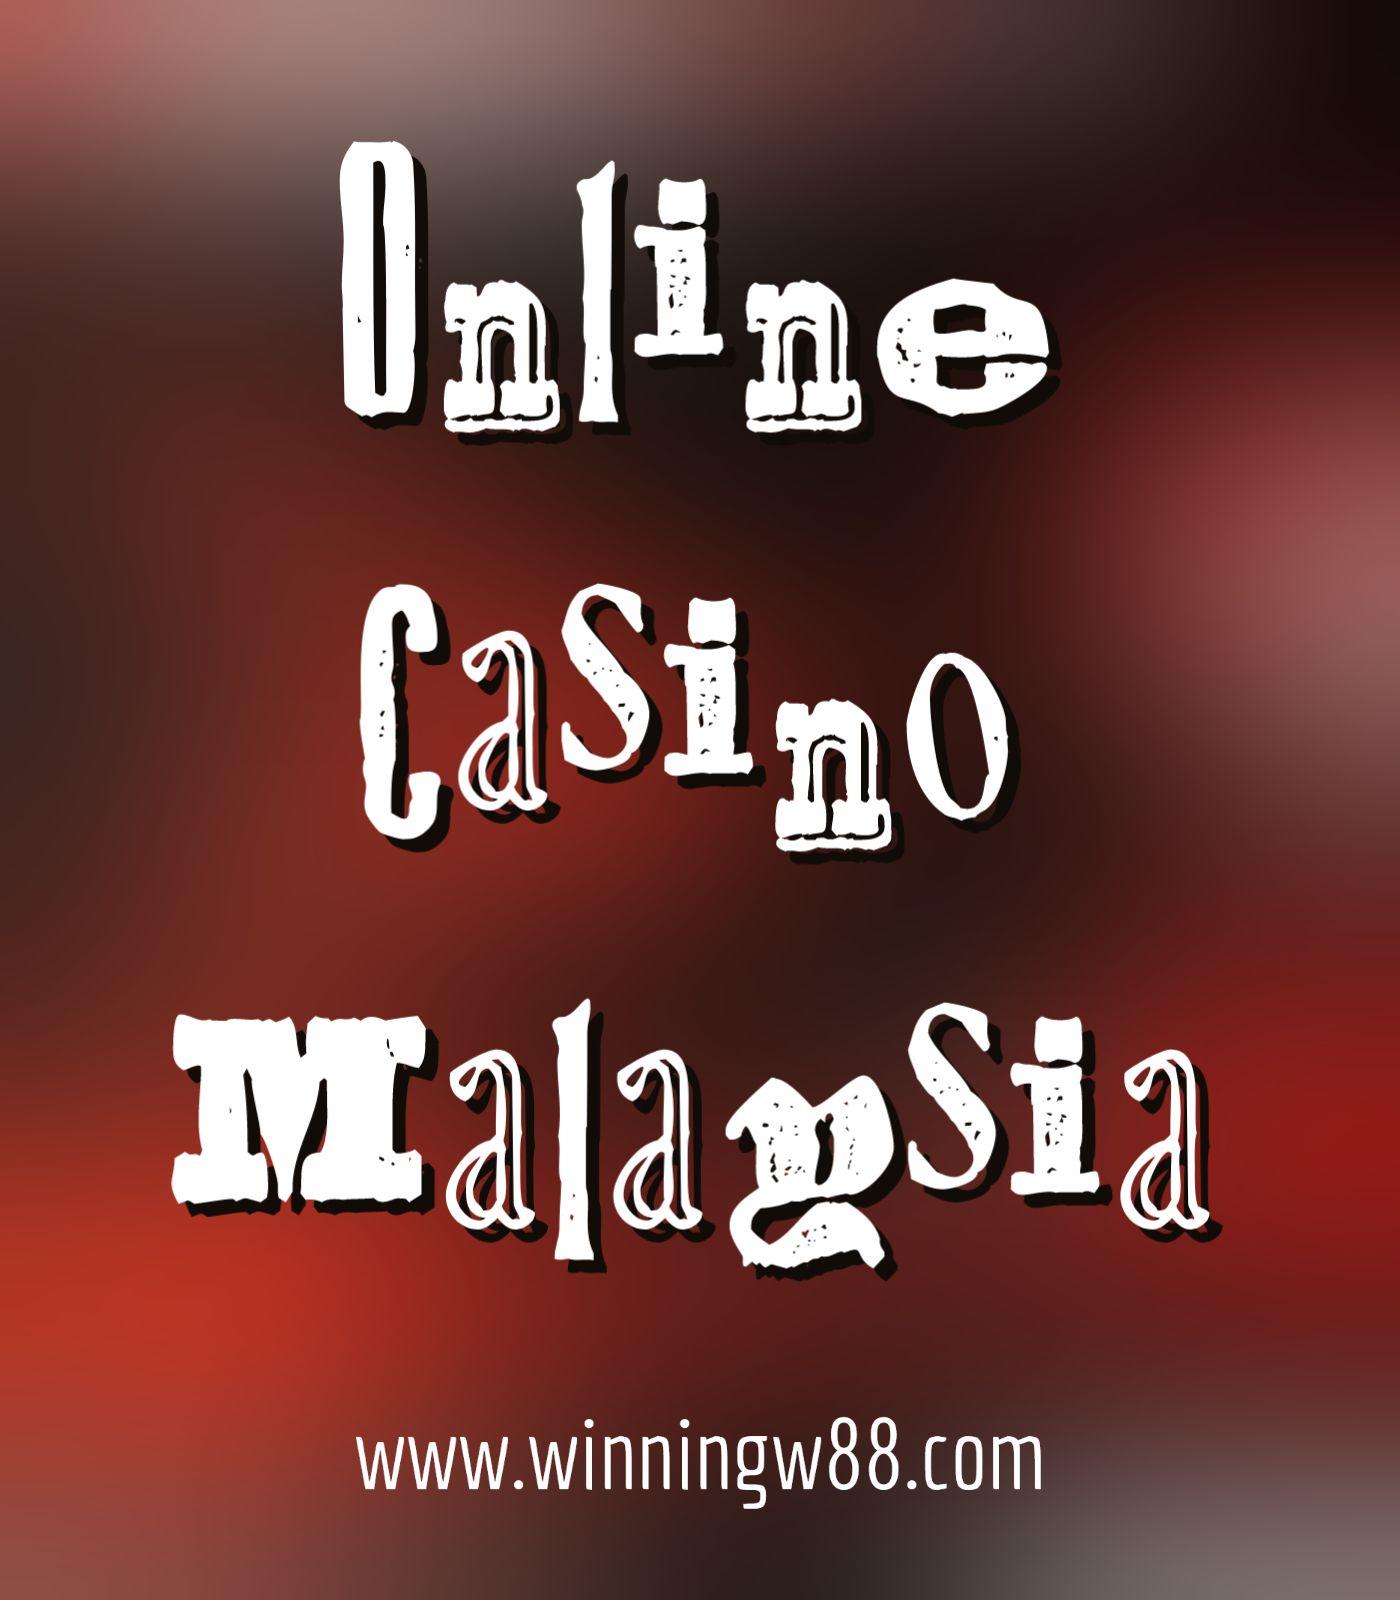 Big winner casino